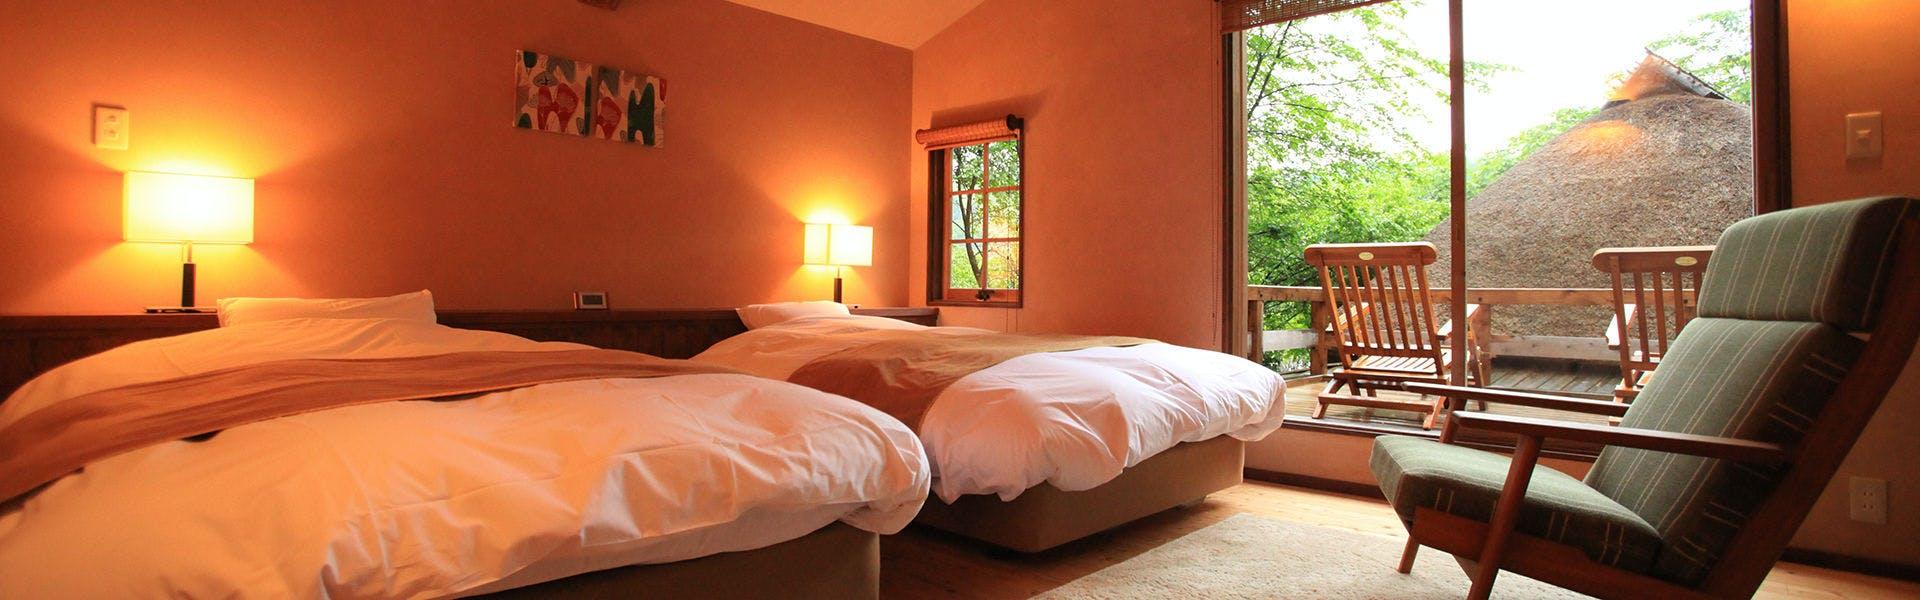 記念日におすすめのホテル・【平山温泉 豆富屋やまと】の写真2